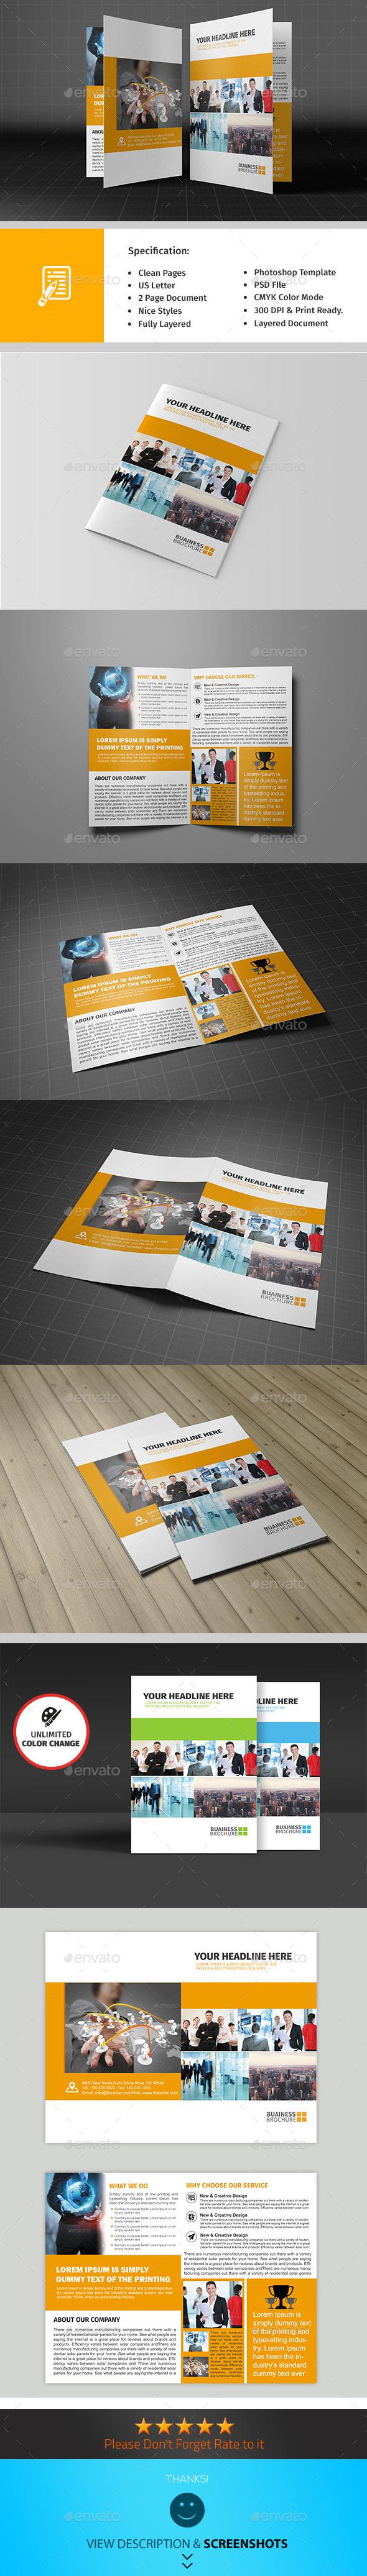 Bifold Corporate Brochure Template Vol04 - Informational Brochures